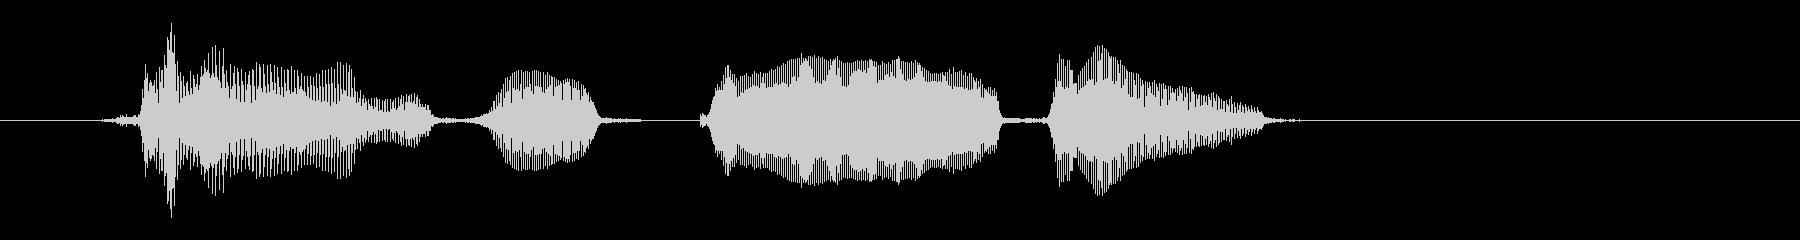 ファイブカード(女の子)の未再生の波形